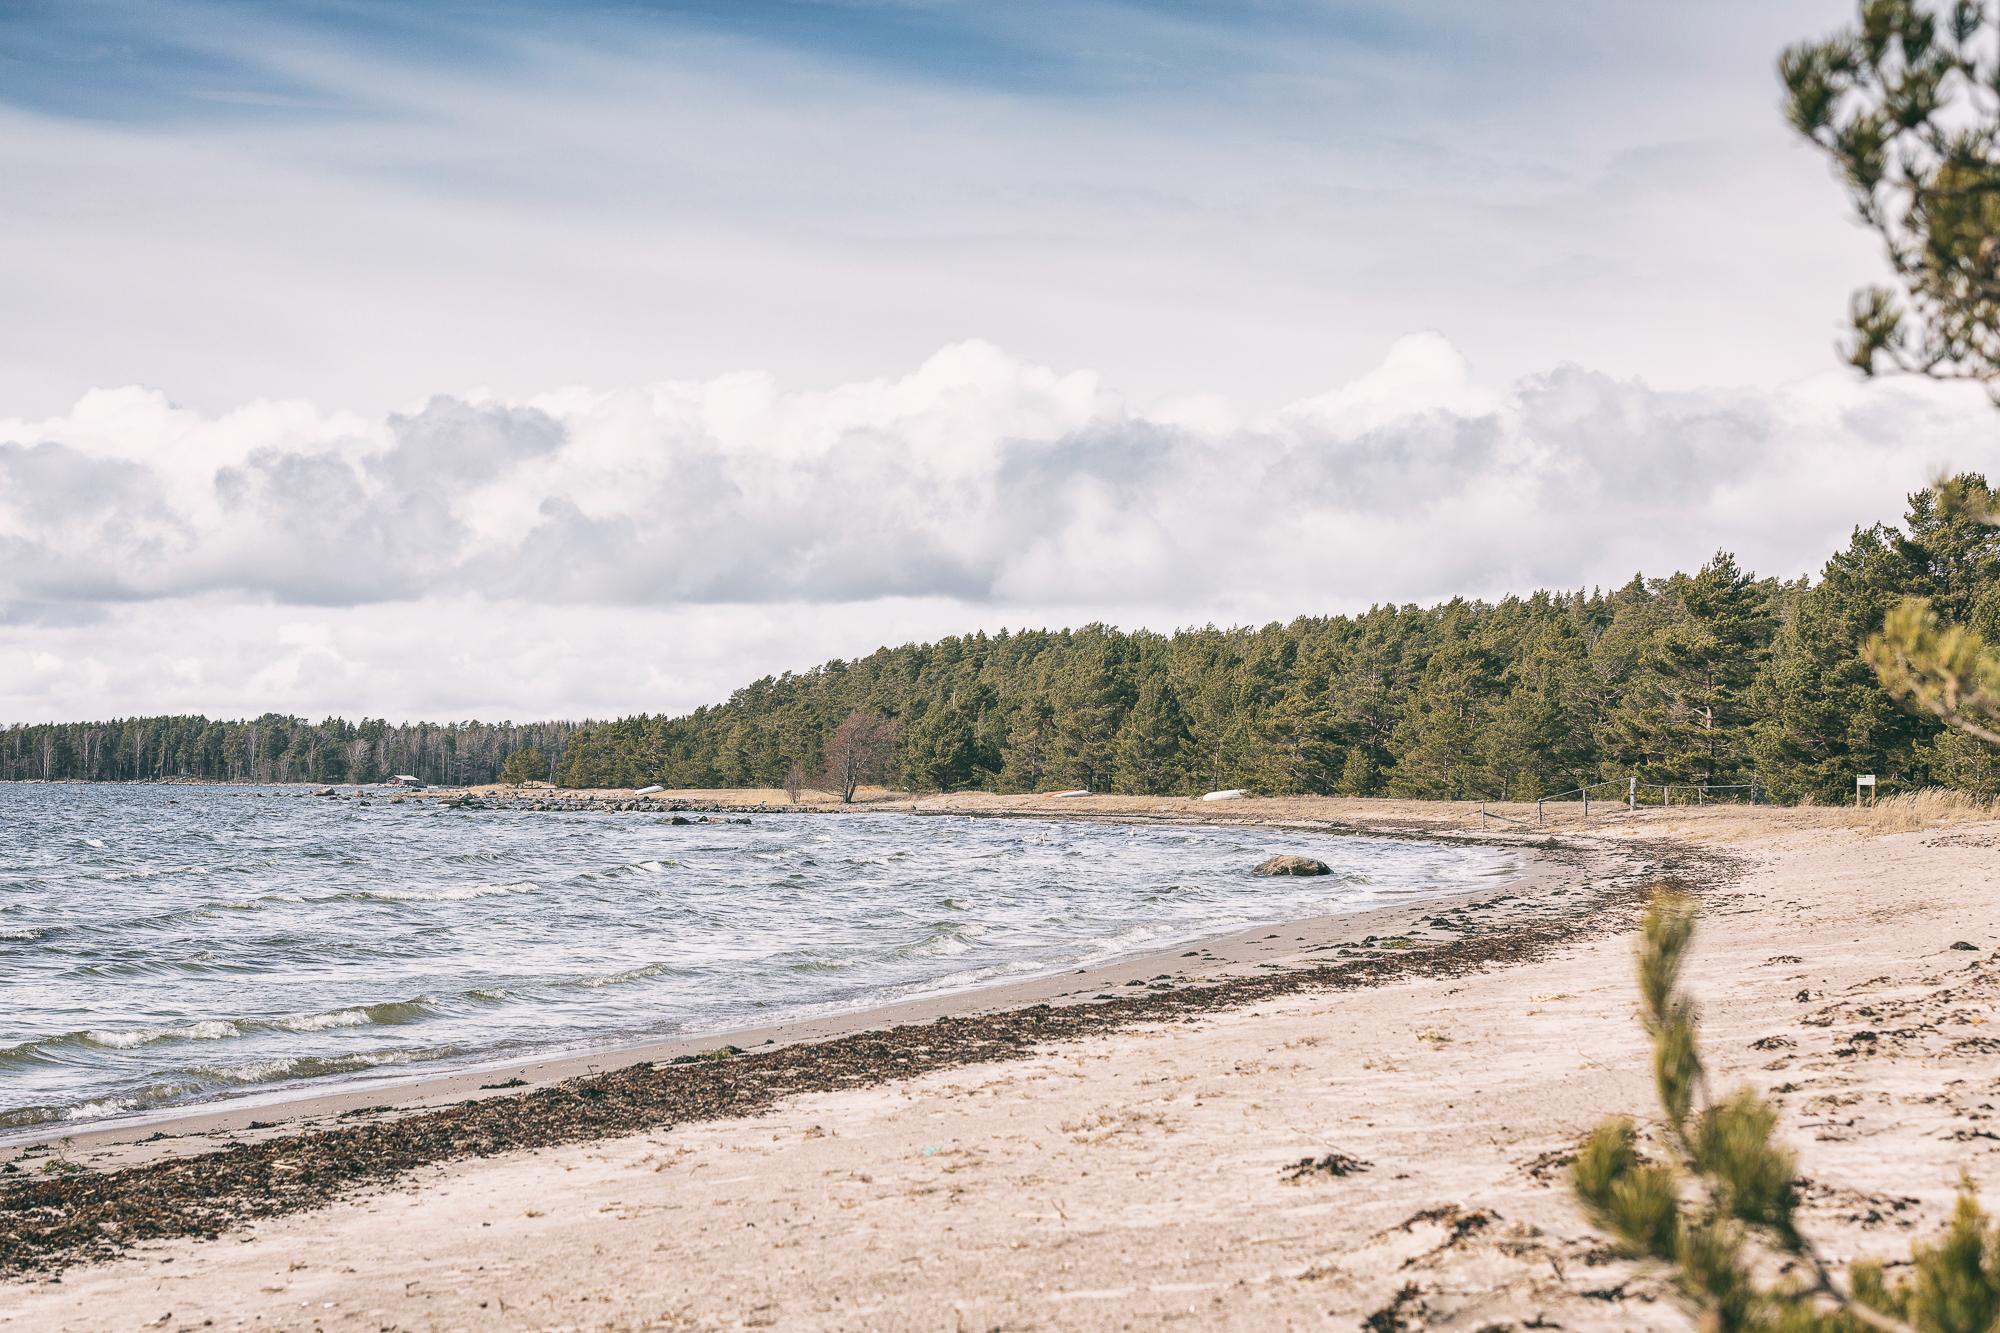 Bromarv, Bromarf, saaristo, archipelago, Suomi, Finland, Visitfinland, kotimaan matkailu, kotimaa, matkakohde, valokuvaus, valokuvaaja, Frida Steiner, visualaddict, visualaddictfrida, photographer, saaristolaiskylä, VisitRaasepori, Raseborg, Padva, Padvalandet, hiekkaranta